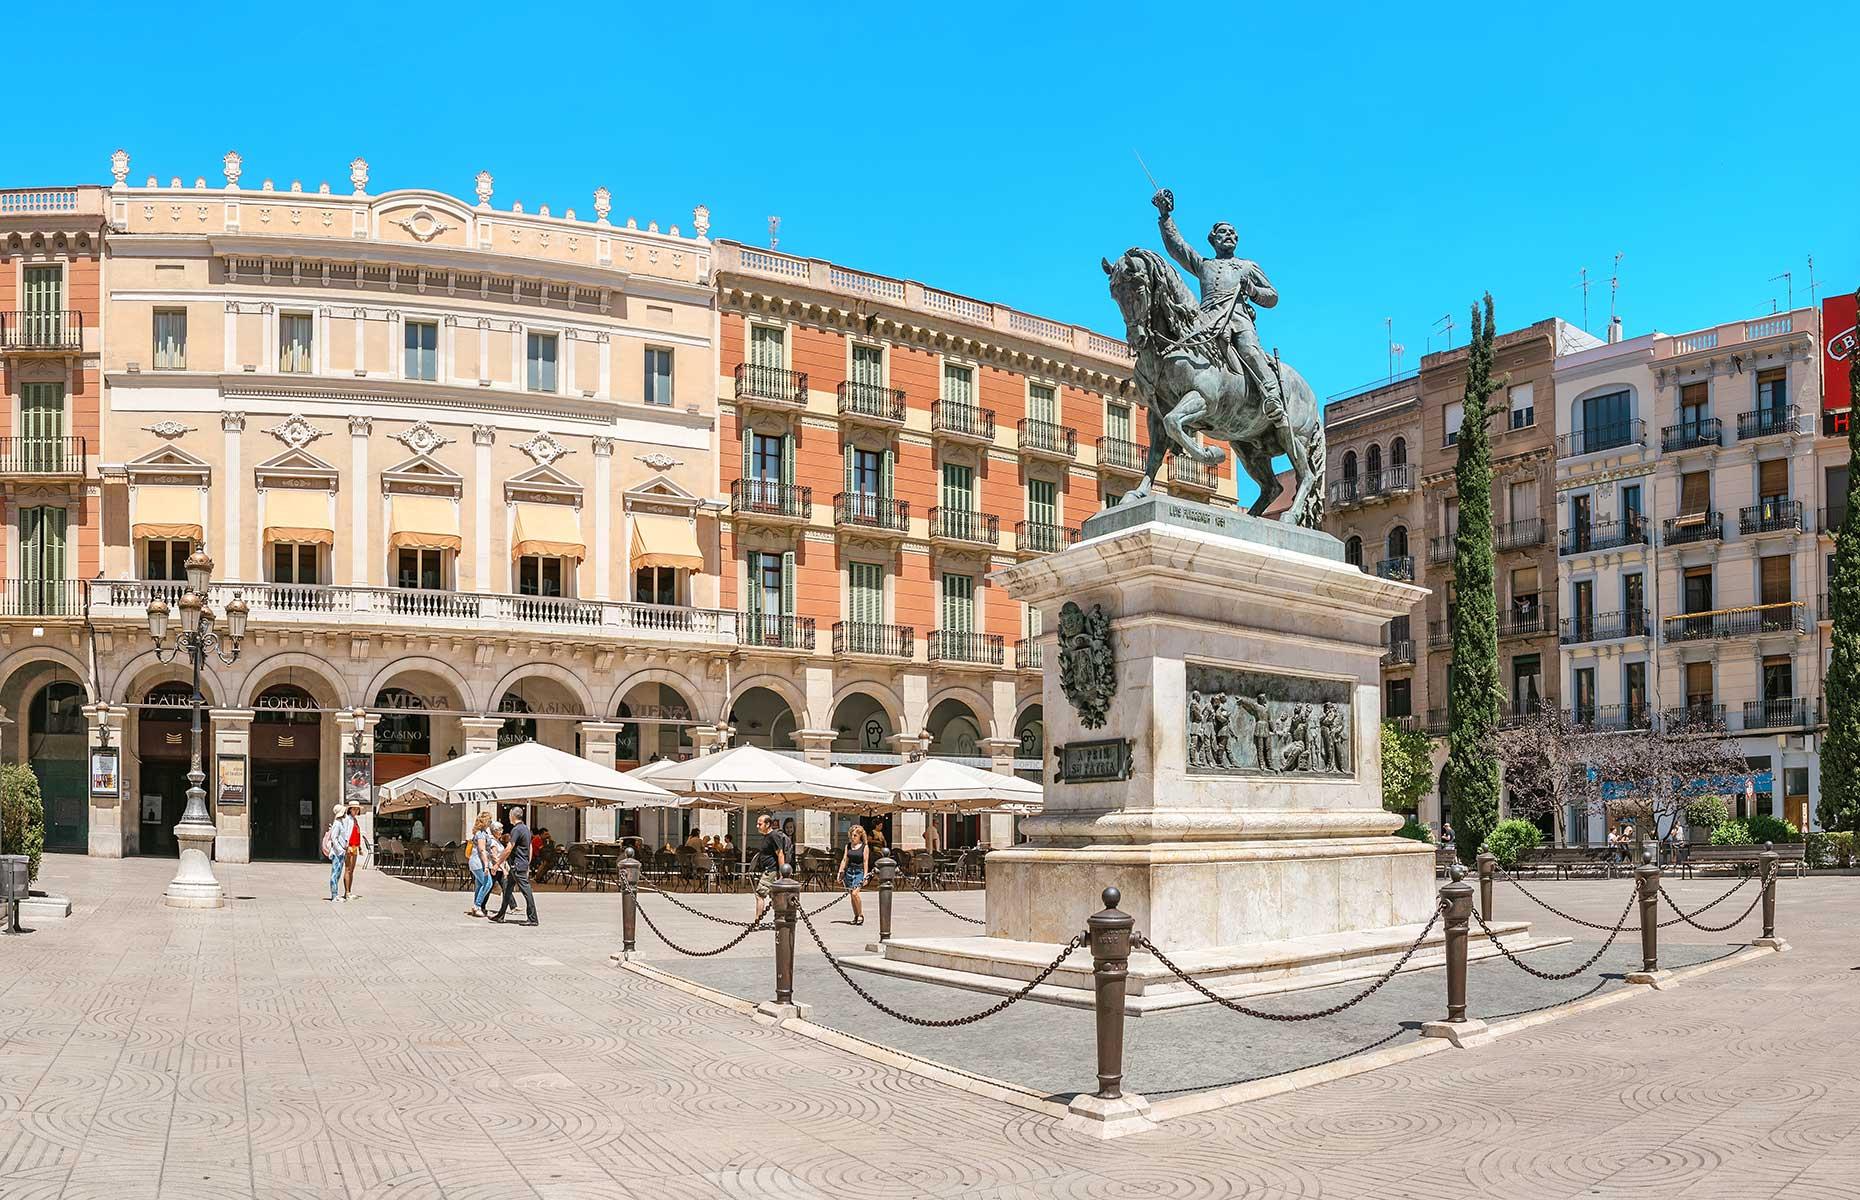 Prim square, Reus, Catalonia (Image: frantic00/Shutterstock)